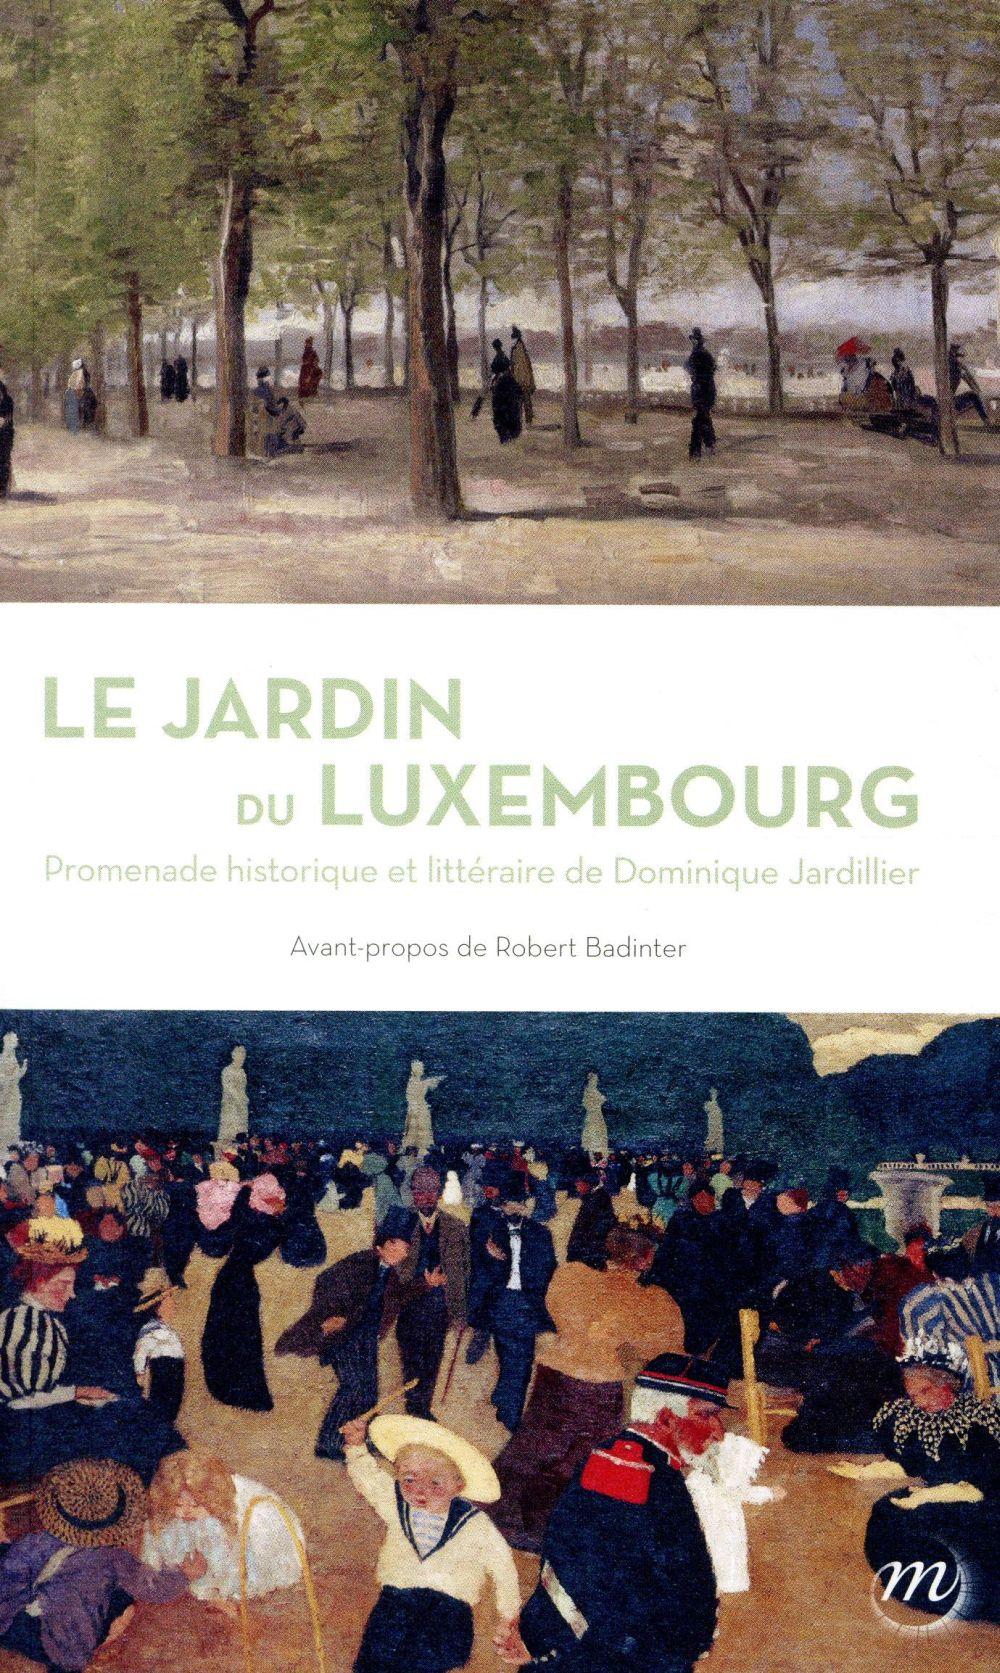 LE JARDIN DU LUXEMBOURG, PROMENADE HITORIQUE ET LITTERAIRE